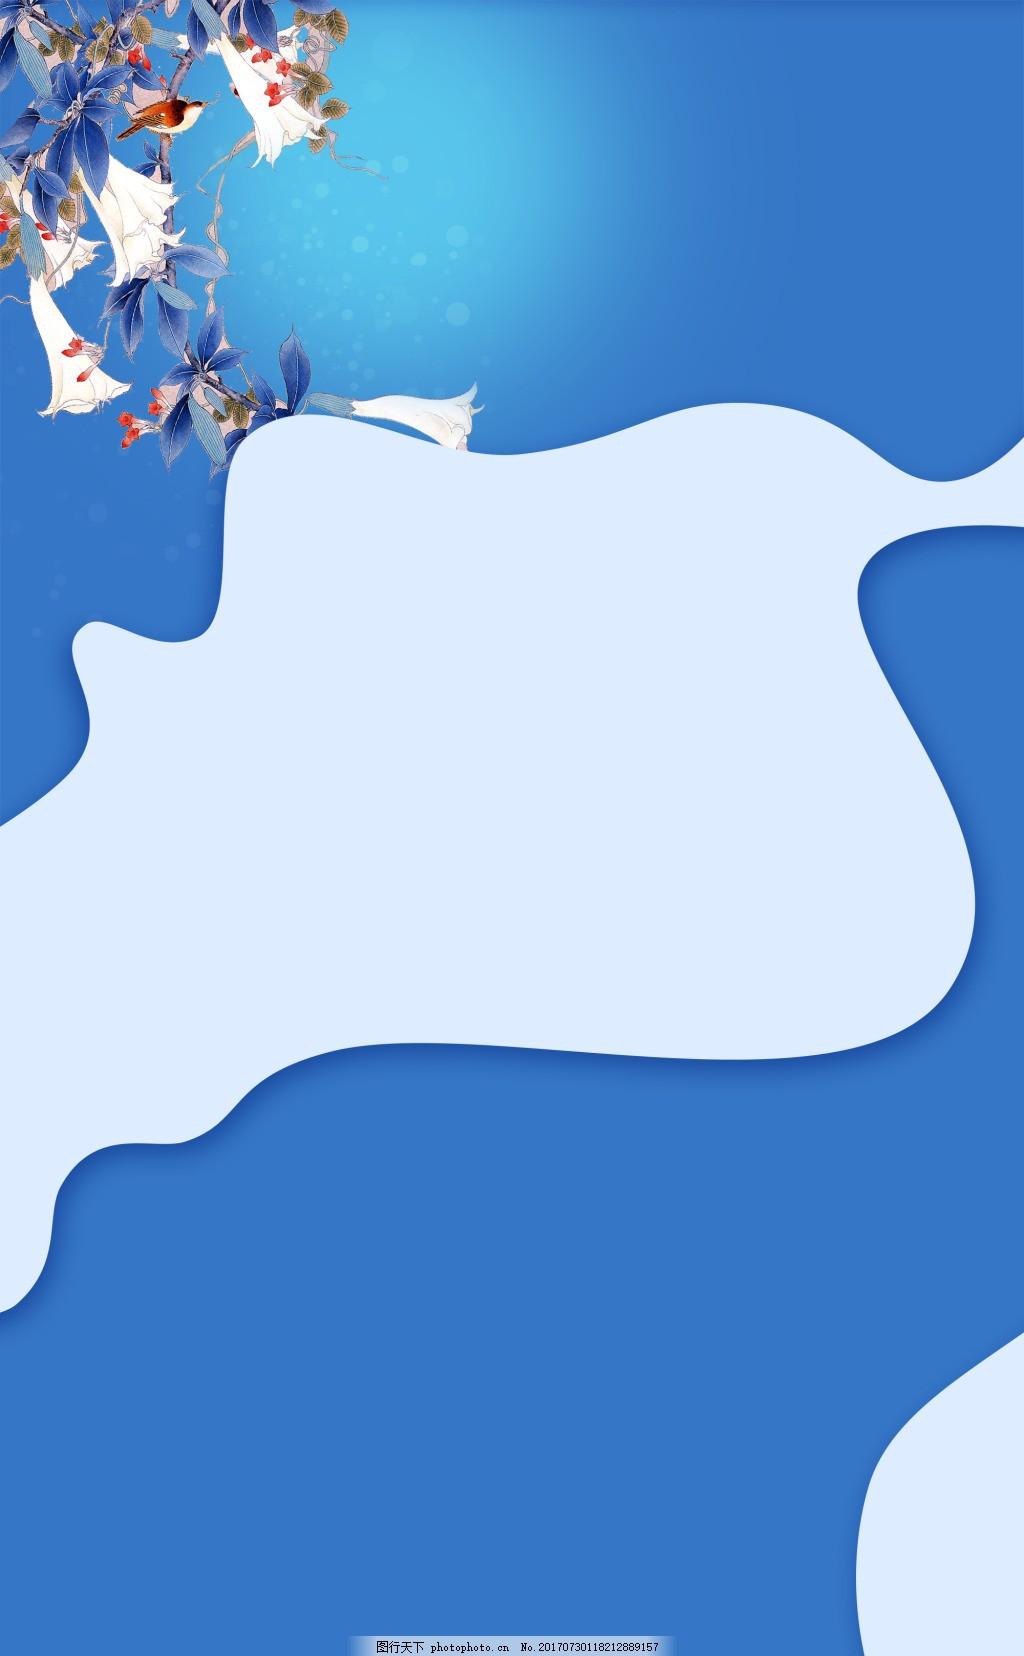 简约花朵边框蓝色背景 大气 蓝色花朵 几何 流线 海报 背景素材